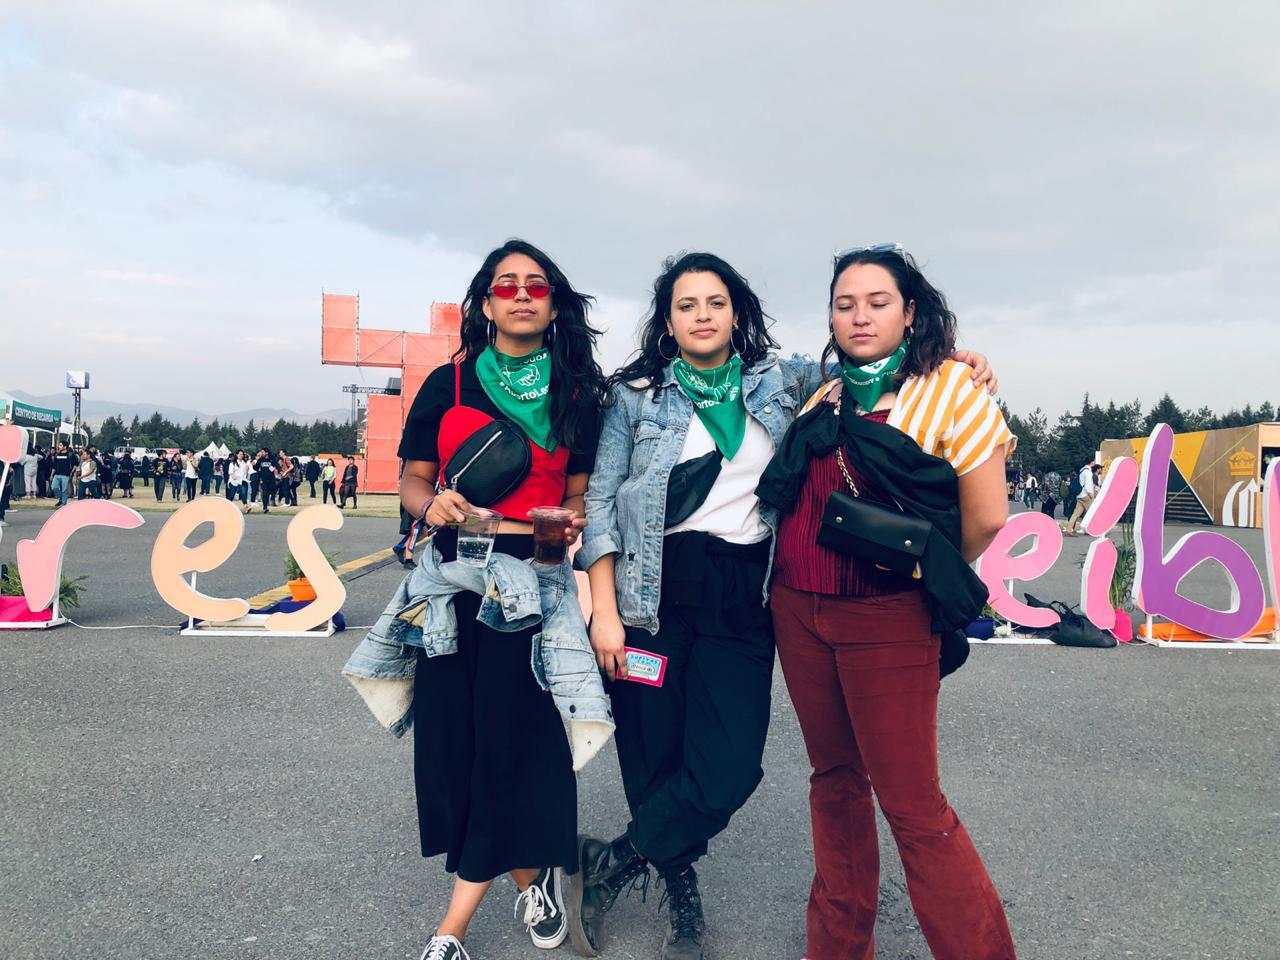 Resultado de imagen para marea verde ceremonia 2019